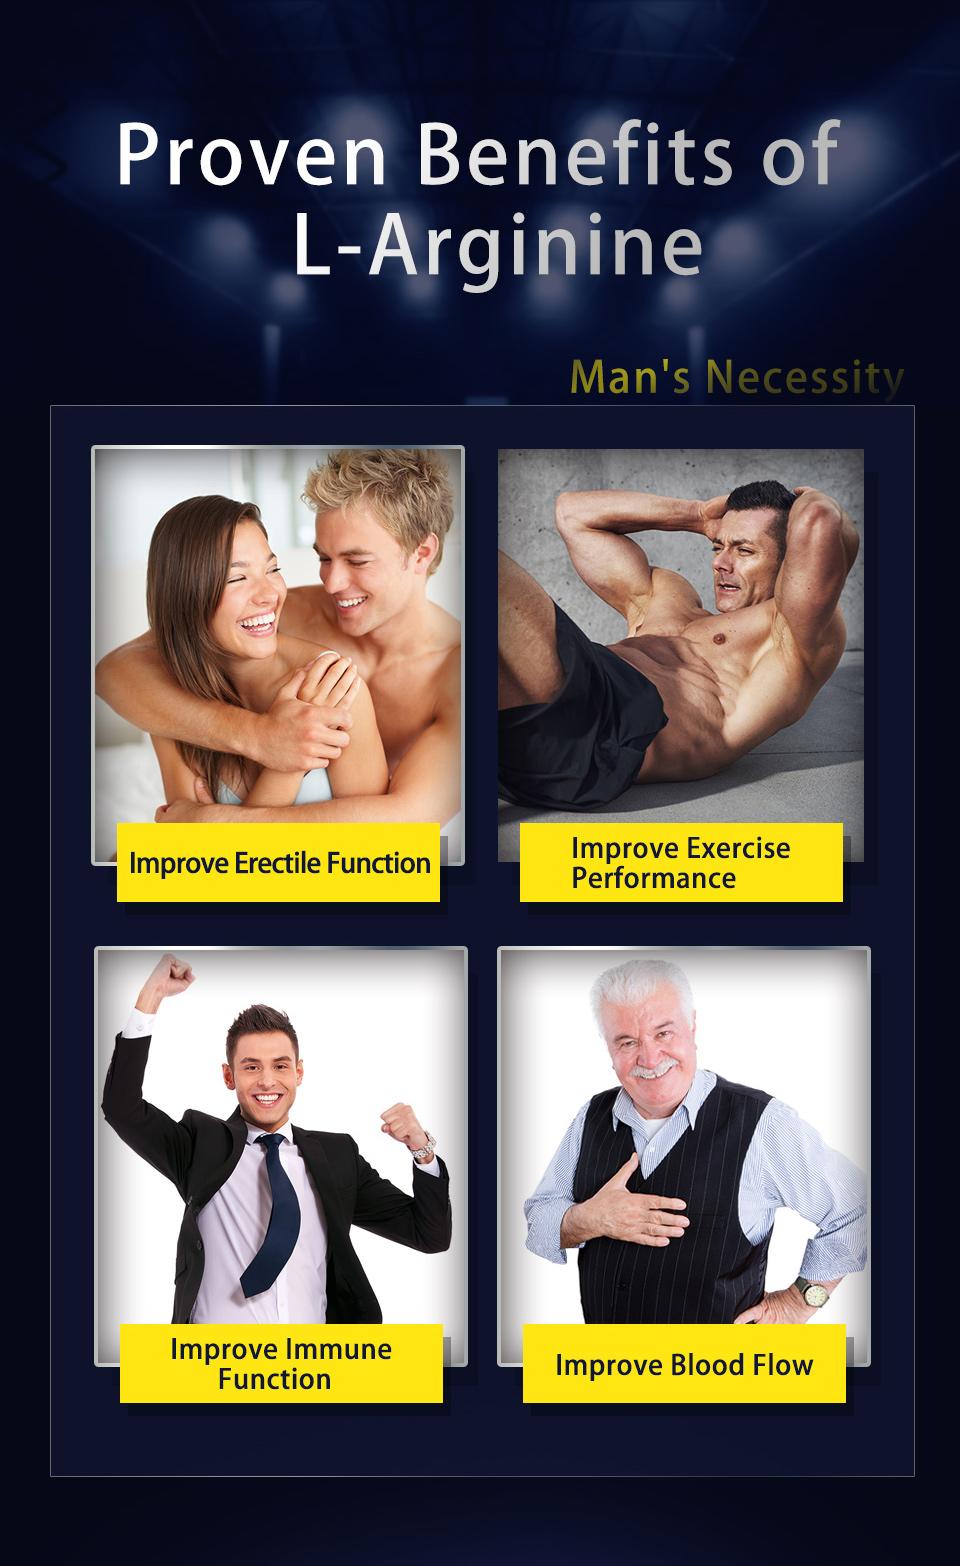 精胺酸幫助性行為更持久,增強運動體力,幫助心血管健康,是最佳男性保健食品